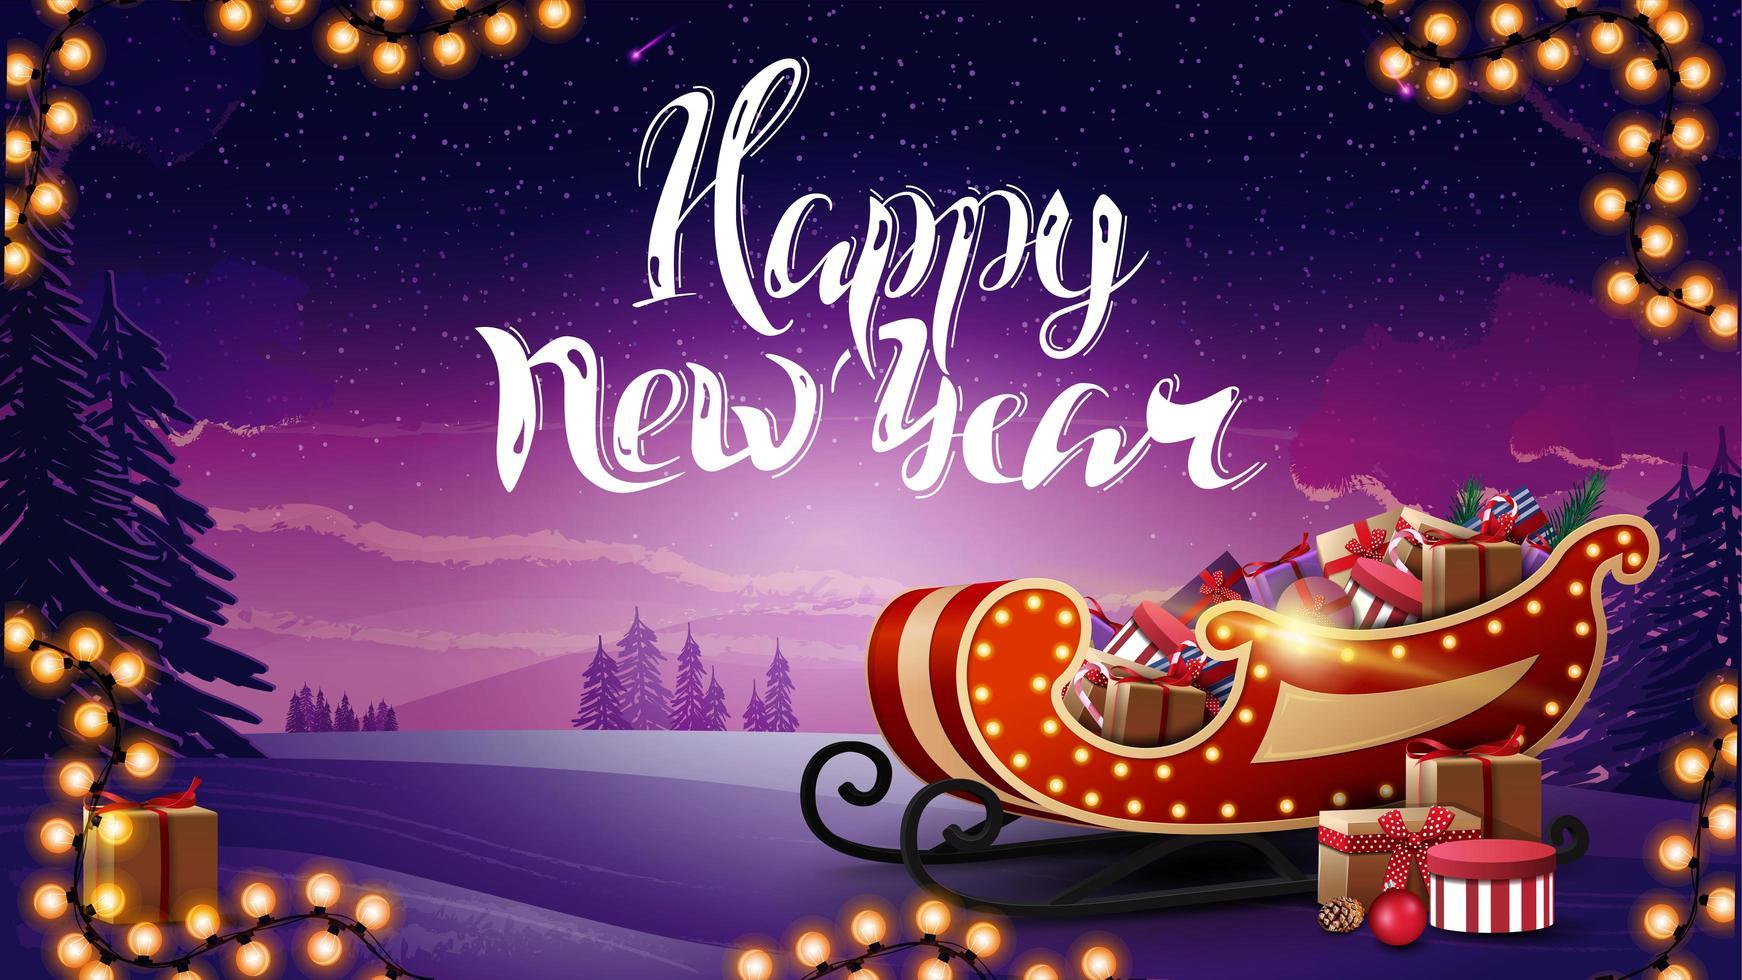 gelukkig nieuwjaar, mooie ansichtkaart met winterlandschap, slinger en santaslee met cadeautjes vector